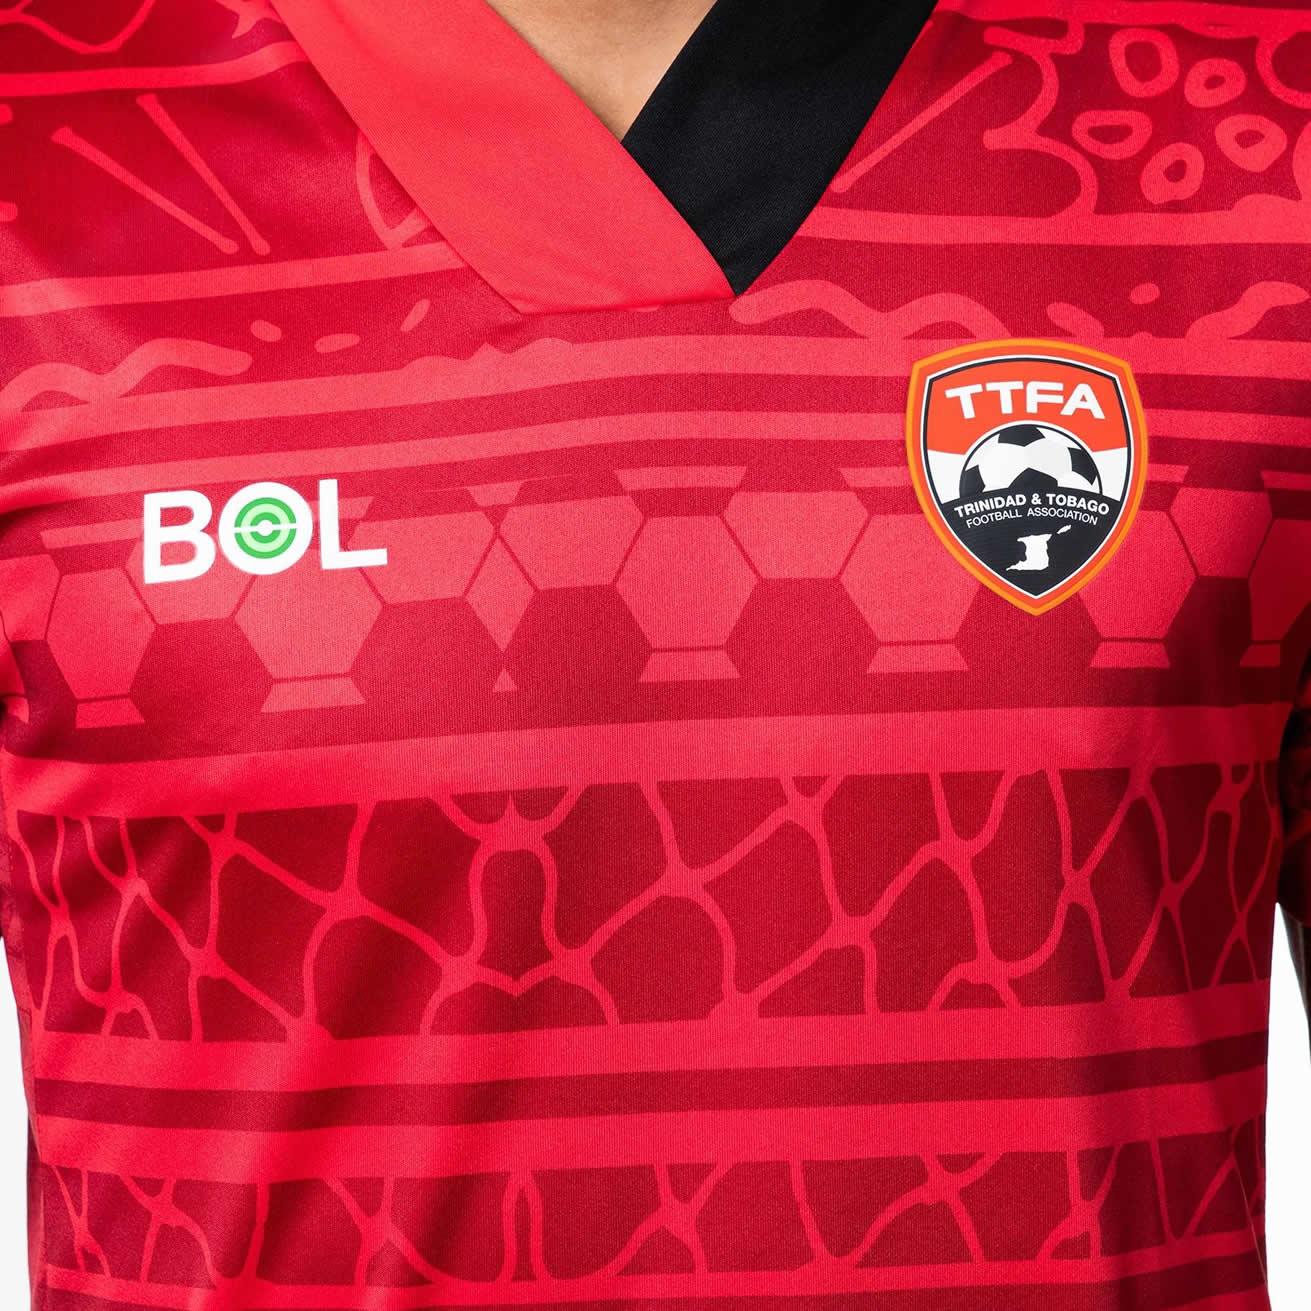 Camisetas BOL de Trinidad & Tobago 2021/22